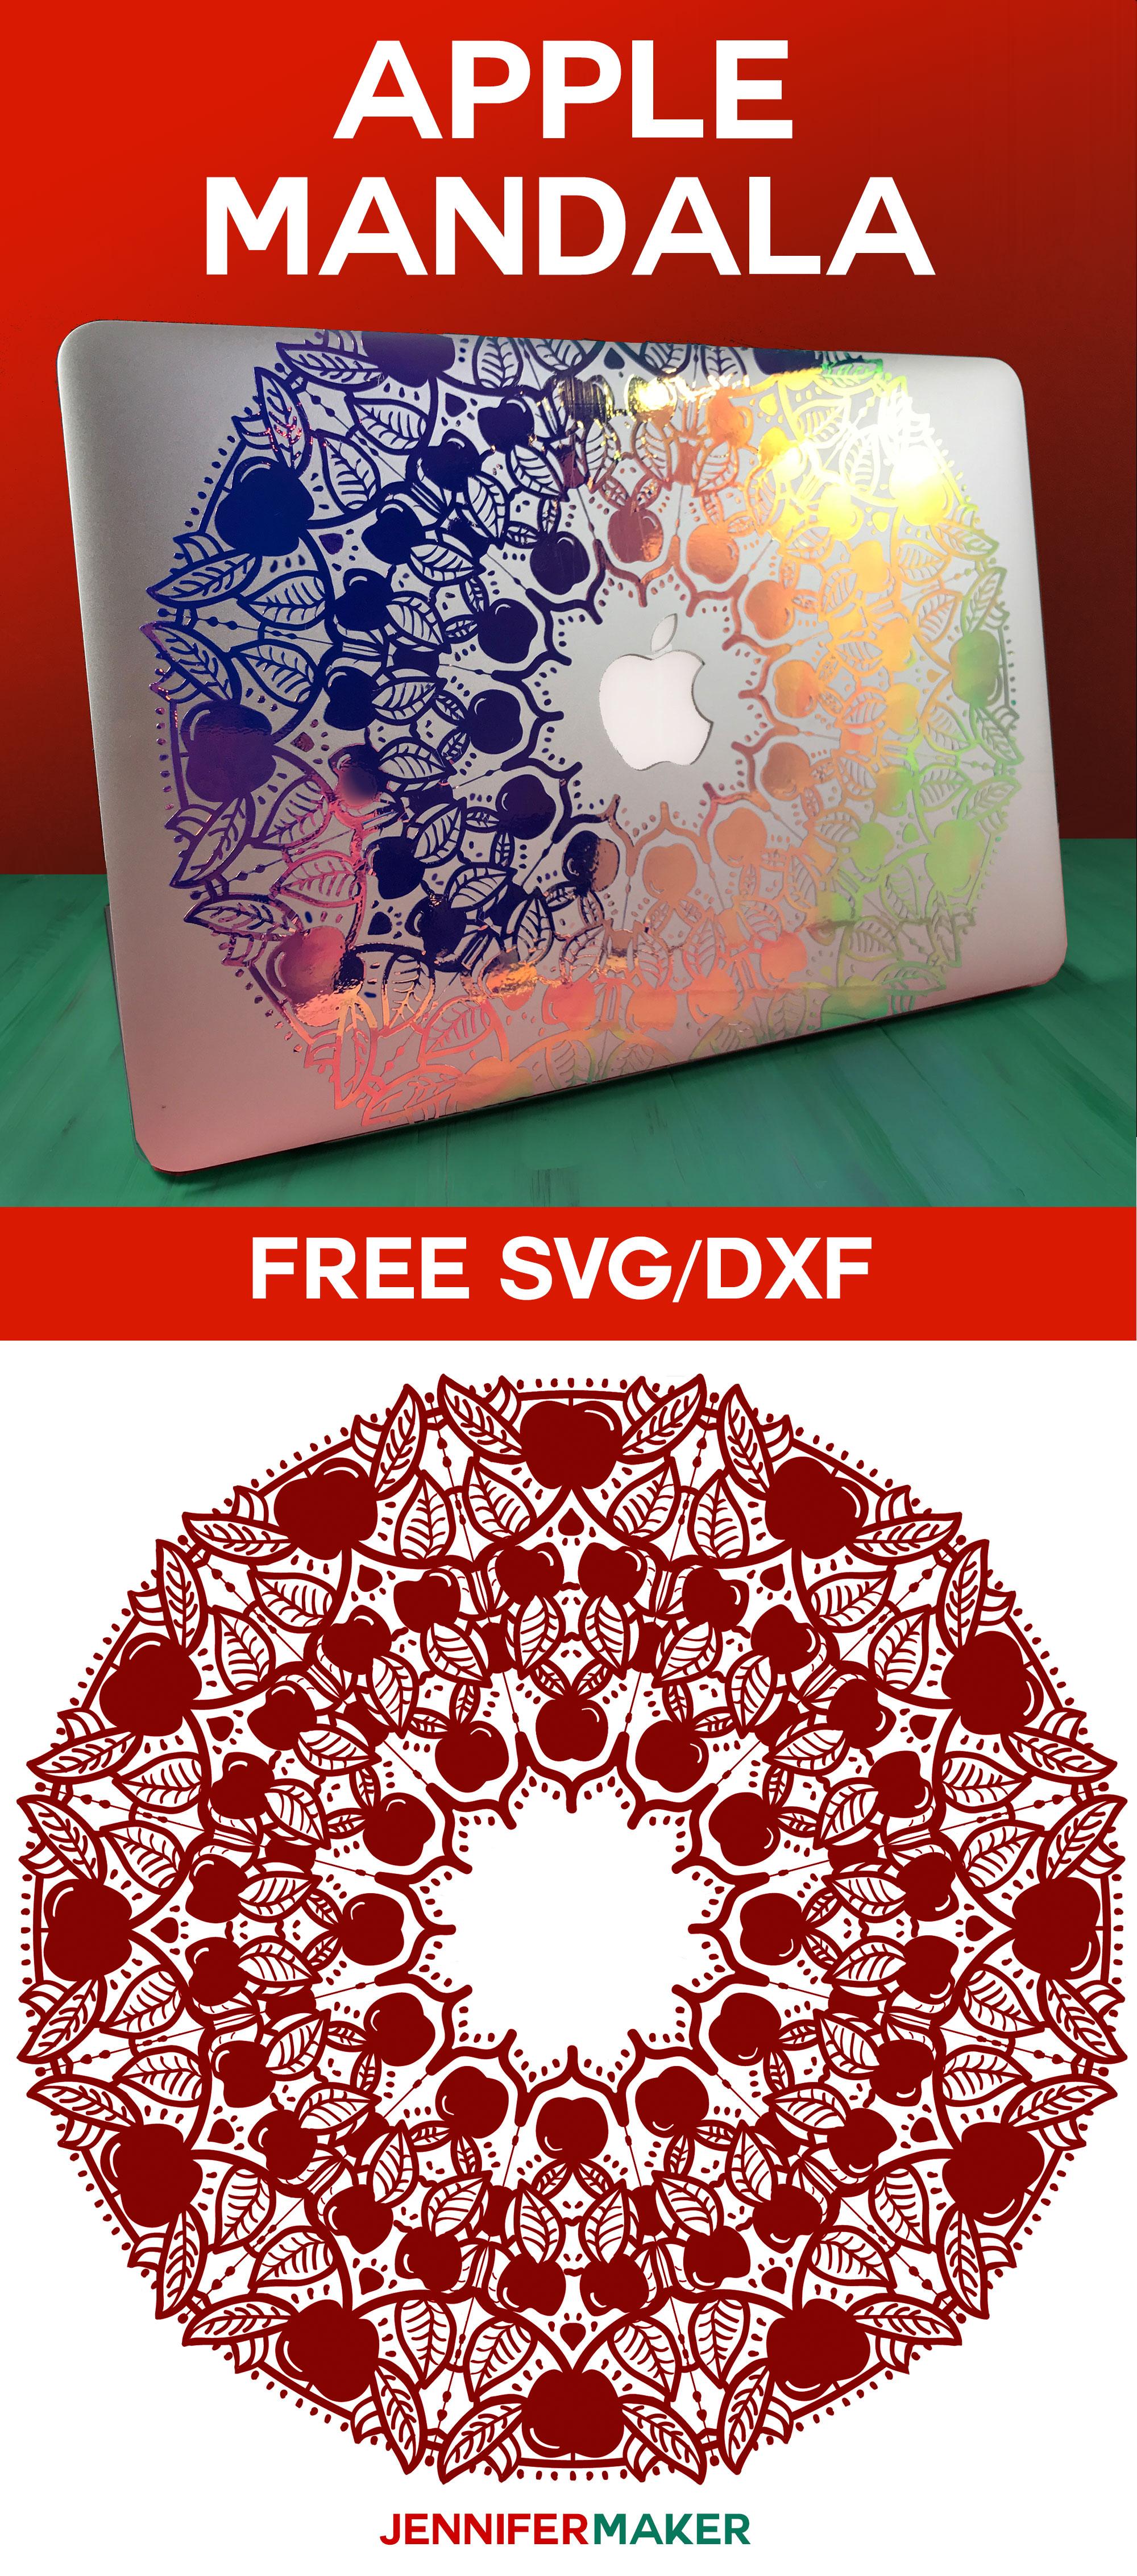 Apple Mandala Design | Free SVG File | Macbook Decal